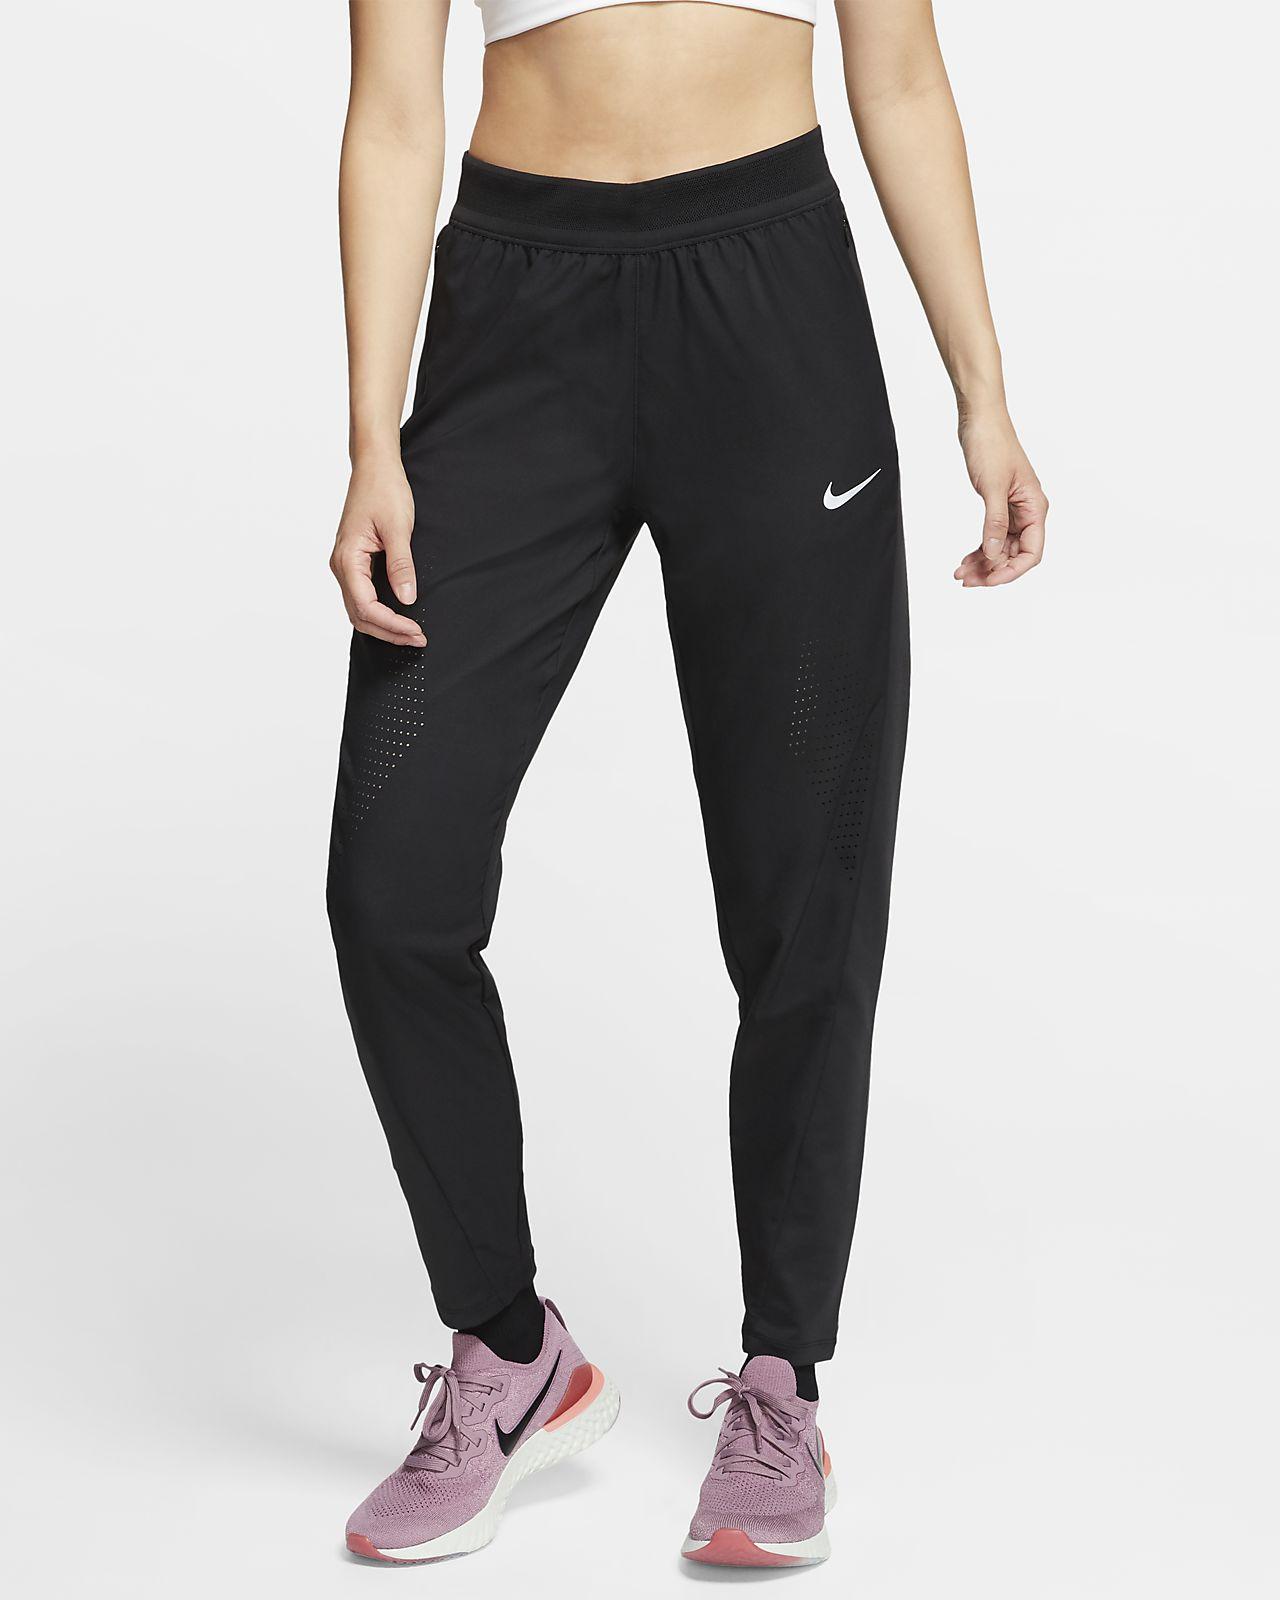 Pantaloni caldi da running Nike Essential Donna